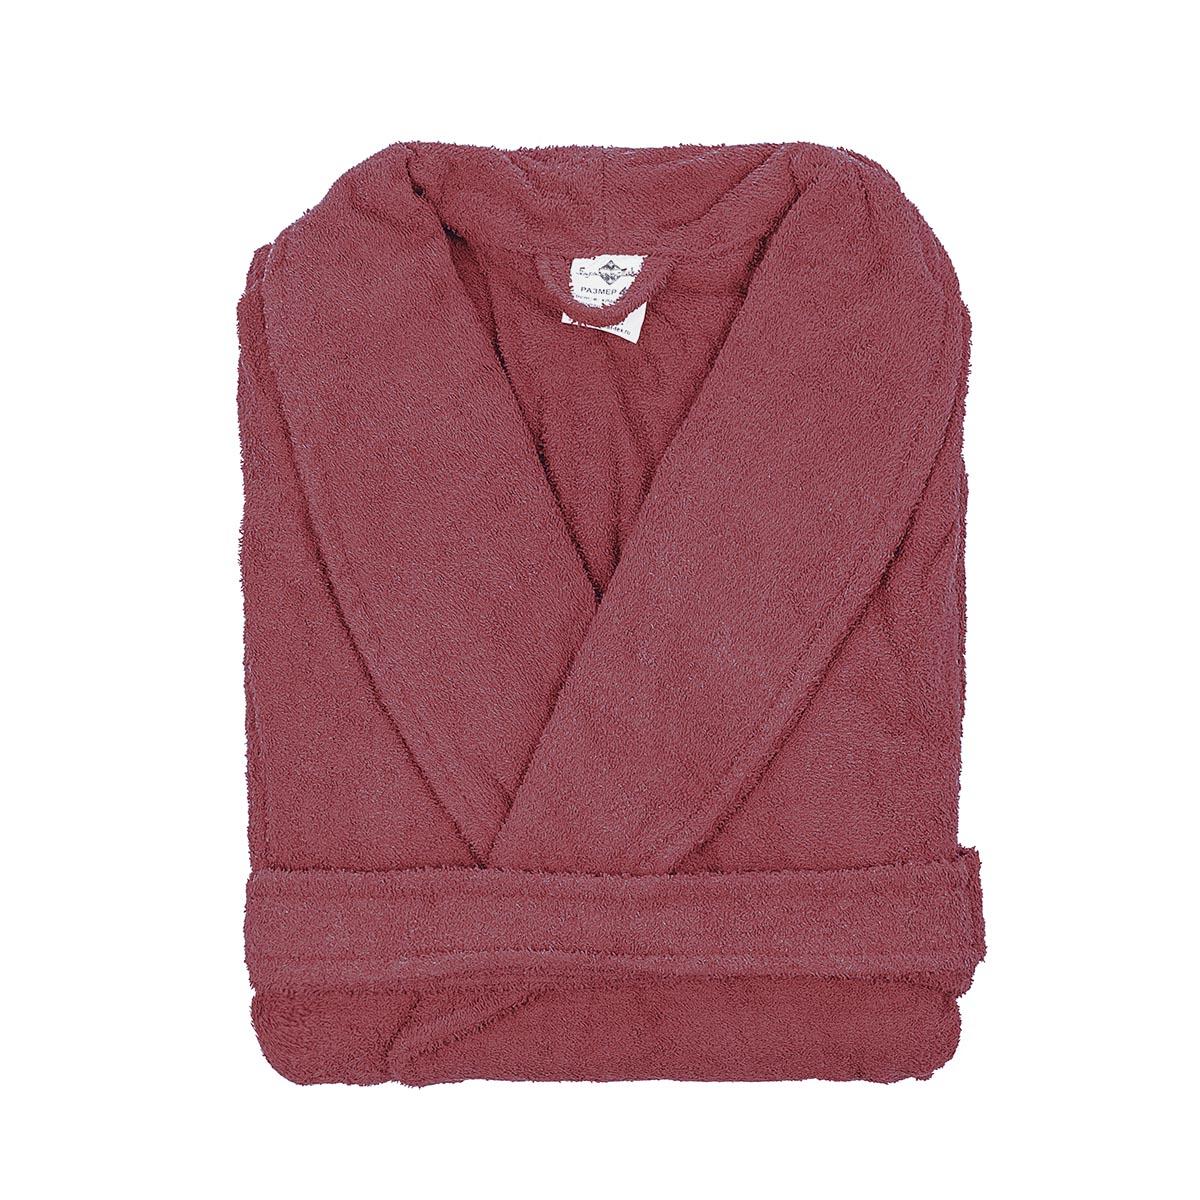 Мужской халат Сейланн Брусничный, размер 50Нижнее и нательное белье<br><br><br>Тип: Муж. халаты<br>Размер: 50<br>Материал: Махра